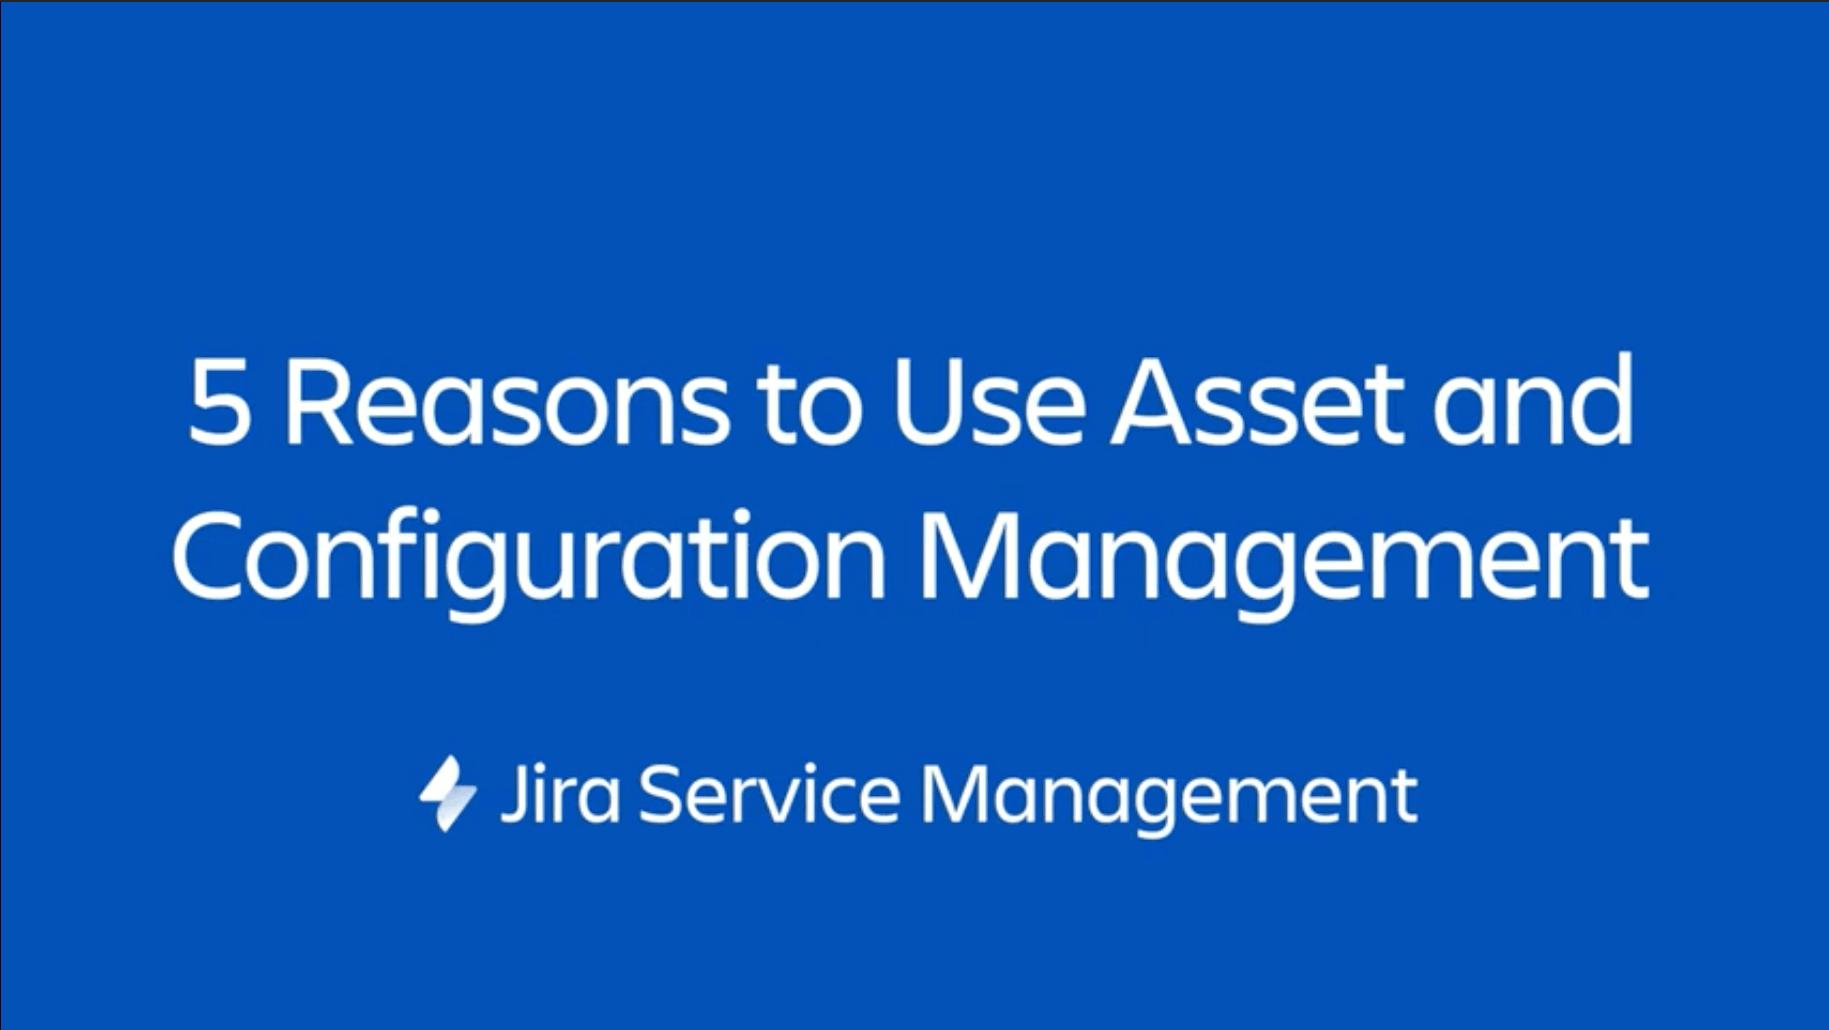 Boostez JiraSoftware grâce à JiraServiceManagement